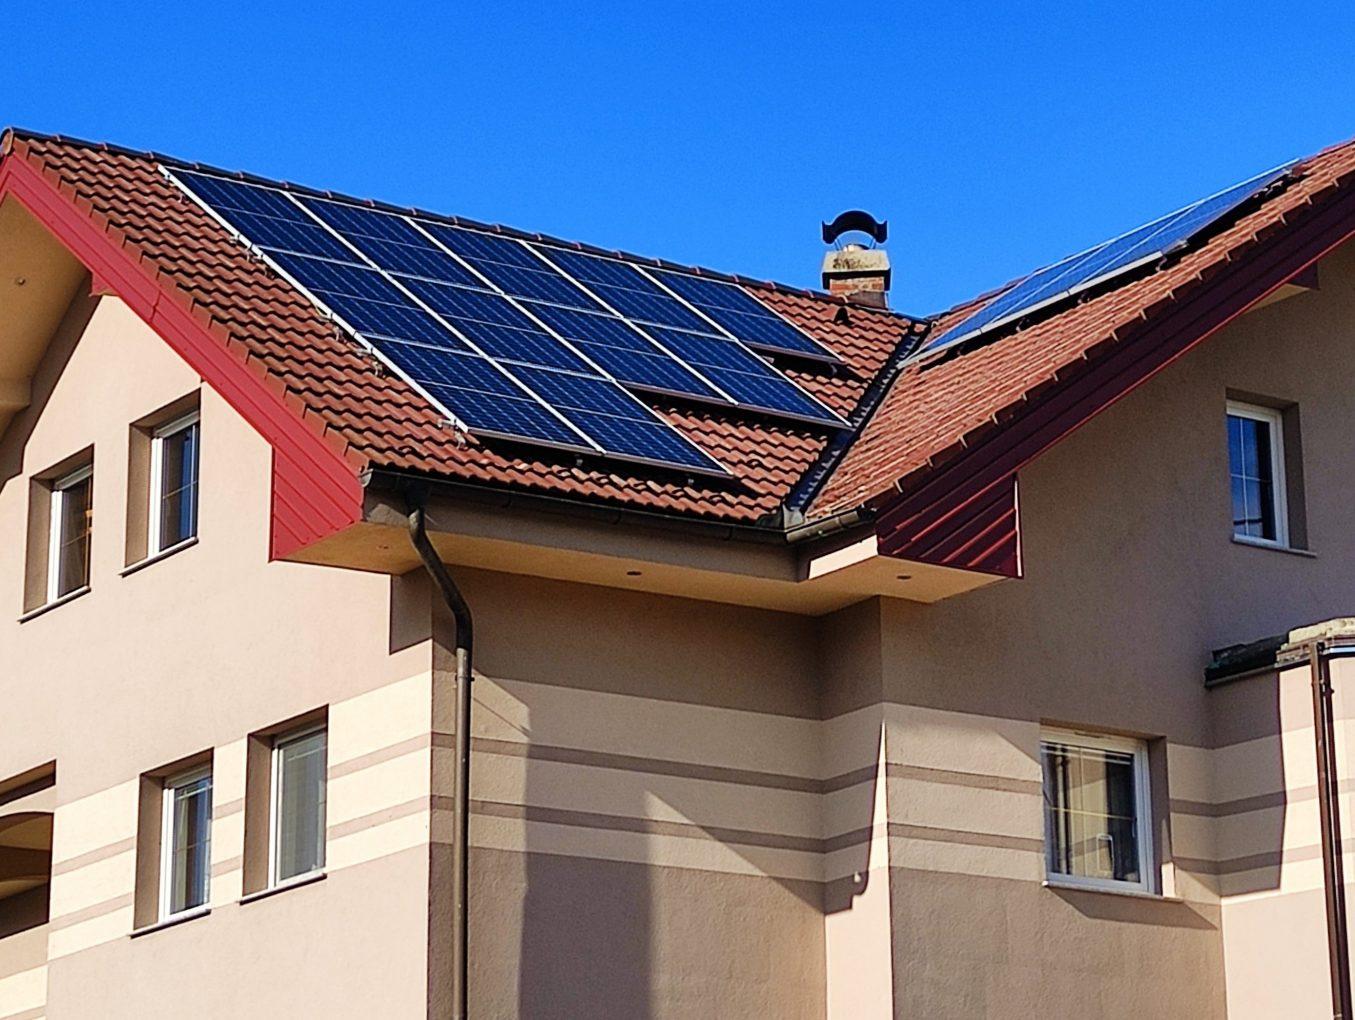 SUNČANE ELEKTRANE - ENERGETSKA OBNOVA OBITELJSKIH KUĆA 2021